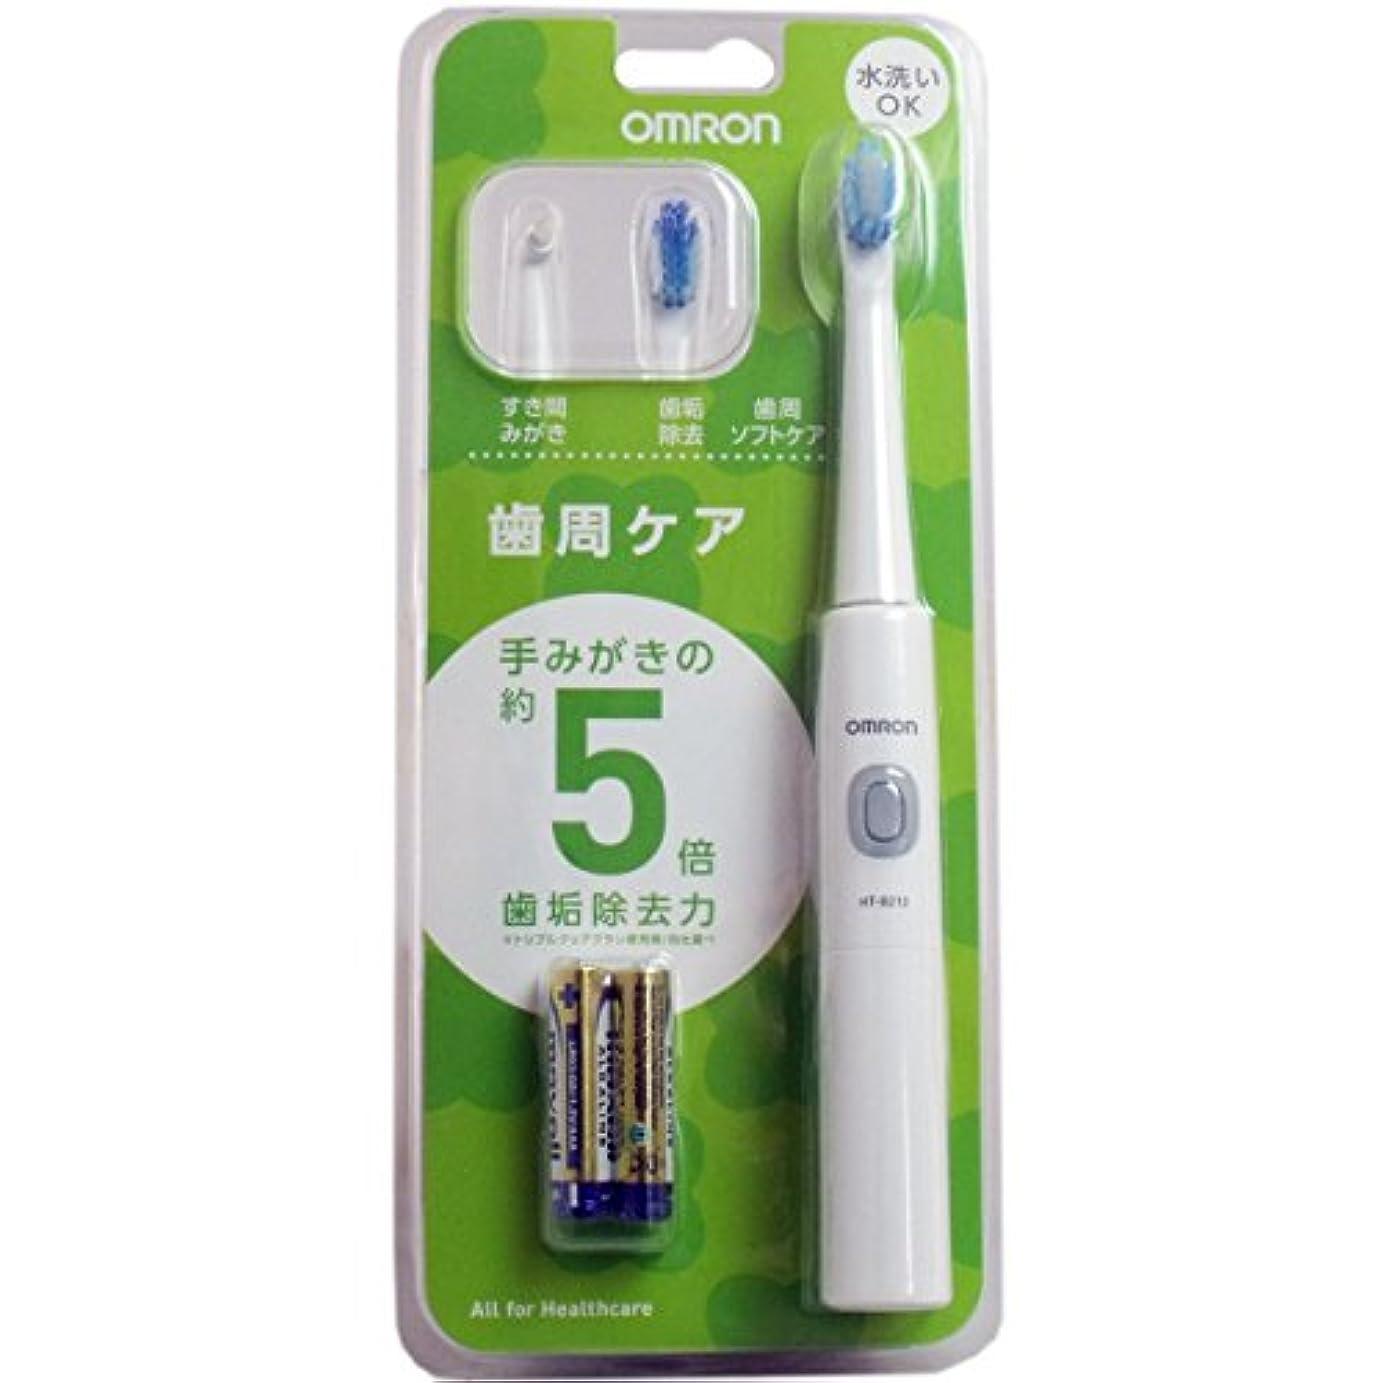 ロマンス家庭凶暴なオムロンヘルスケア 音波式電動歯ブラシ HT-B212